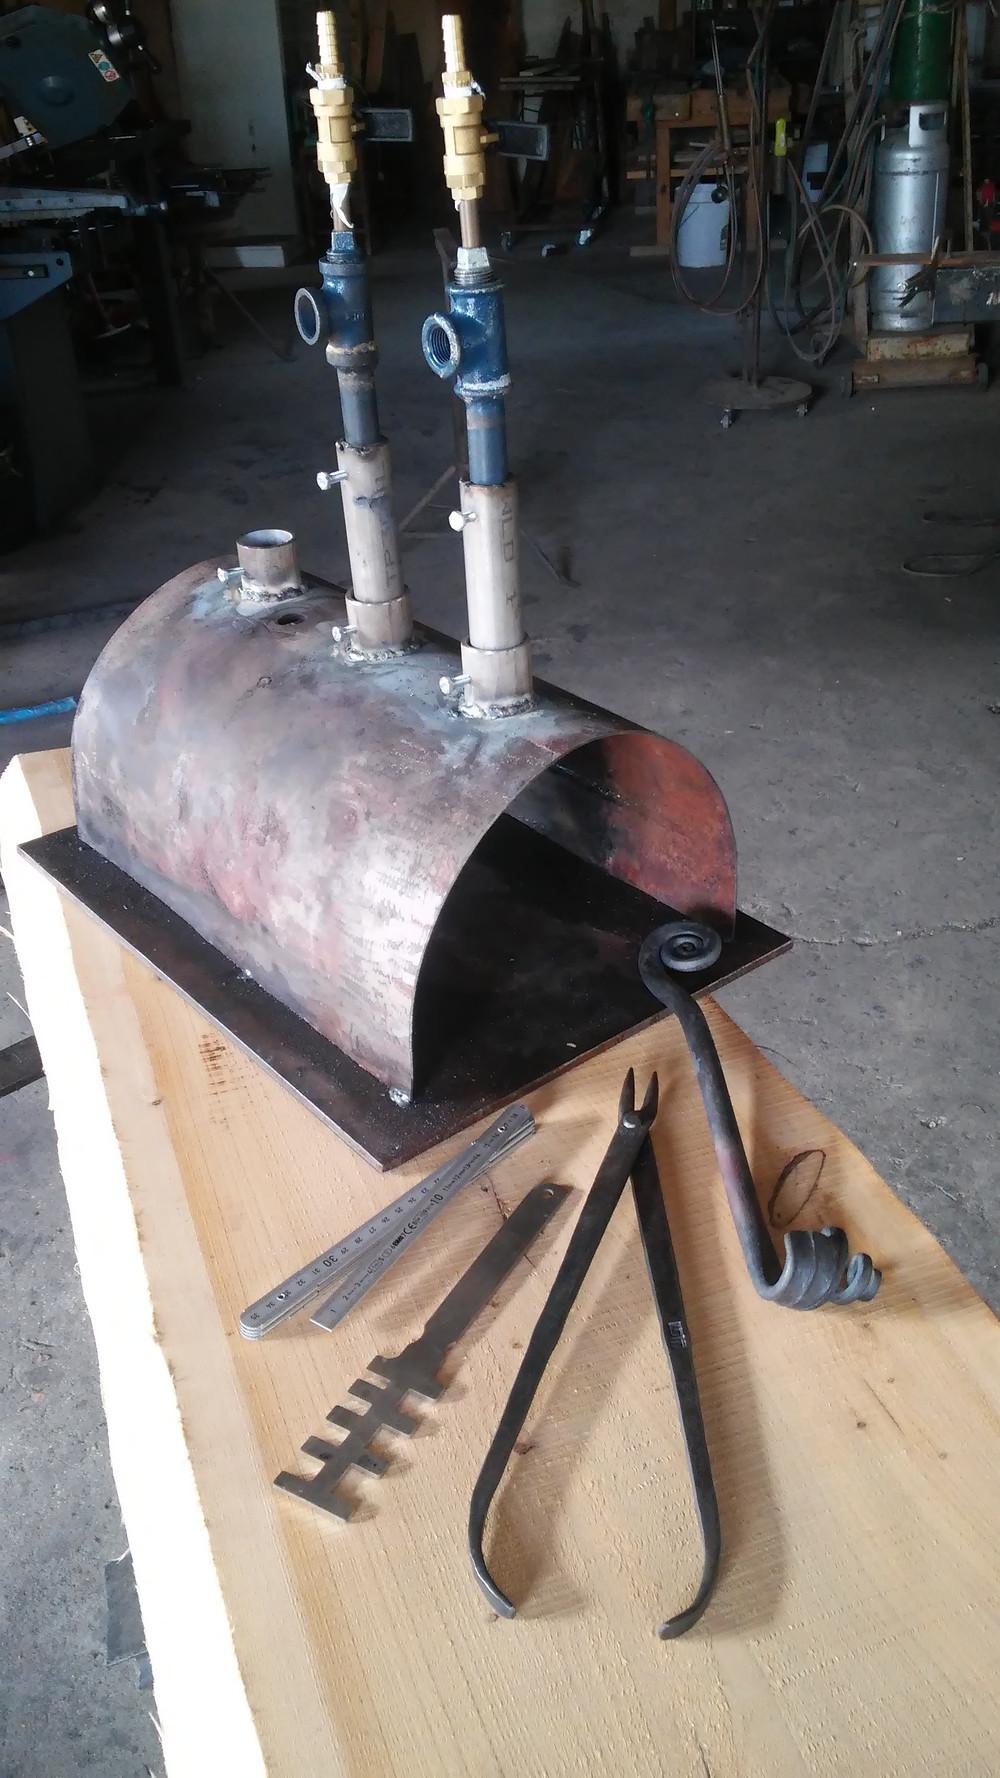 תנור גז לעבודות נפחות שבניתי יחד עם חופי